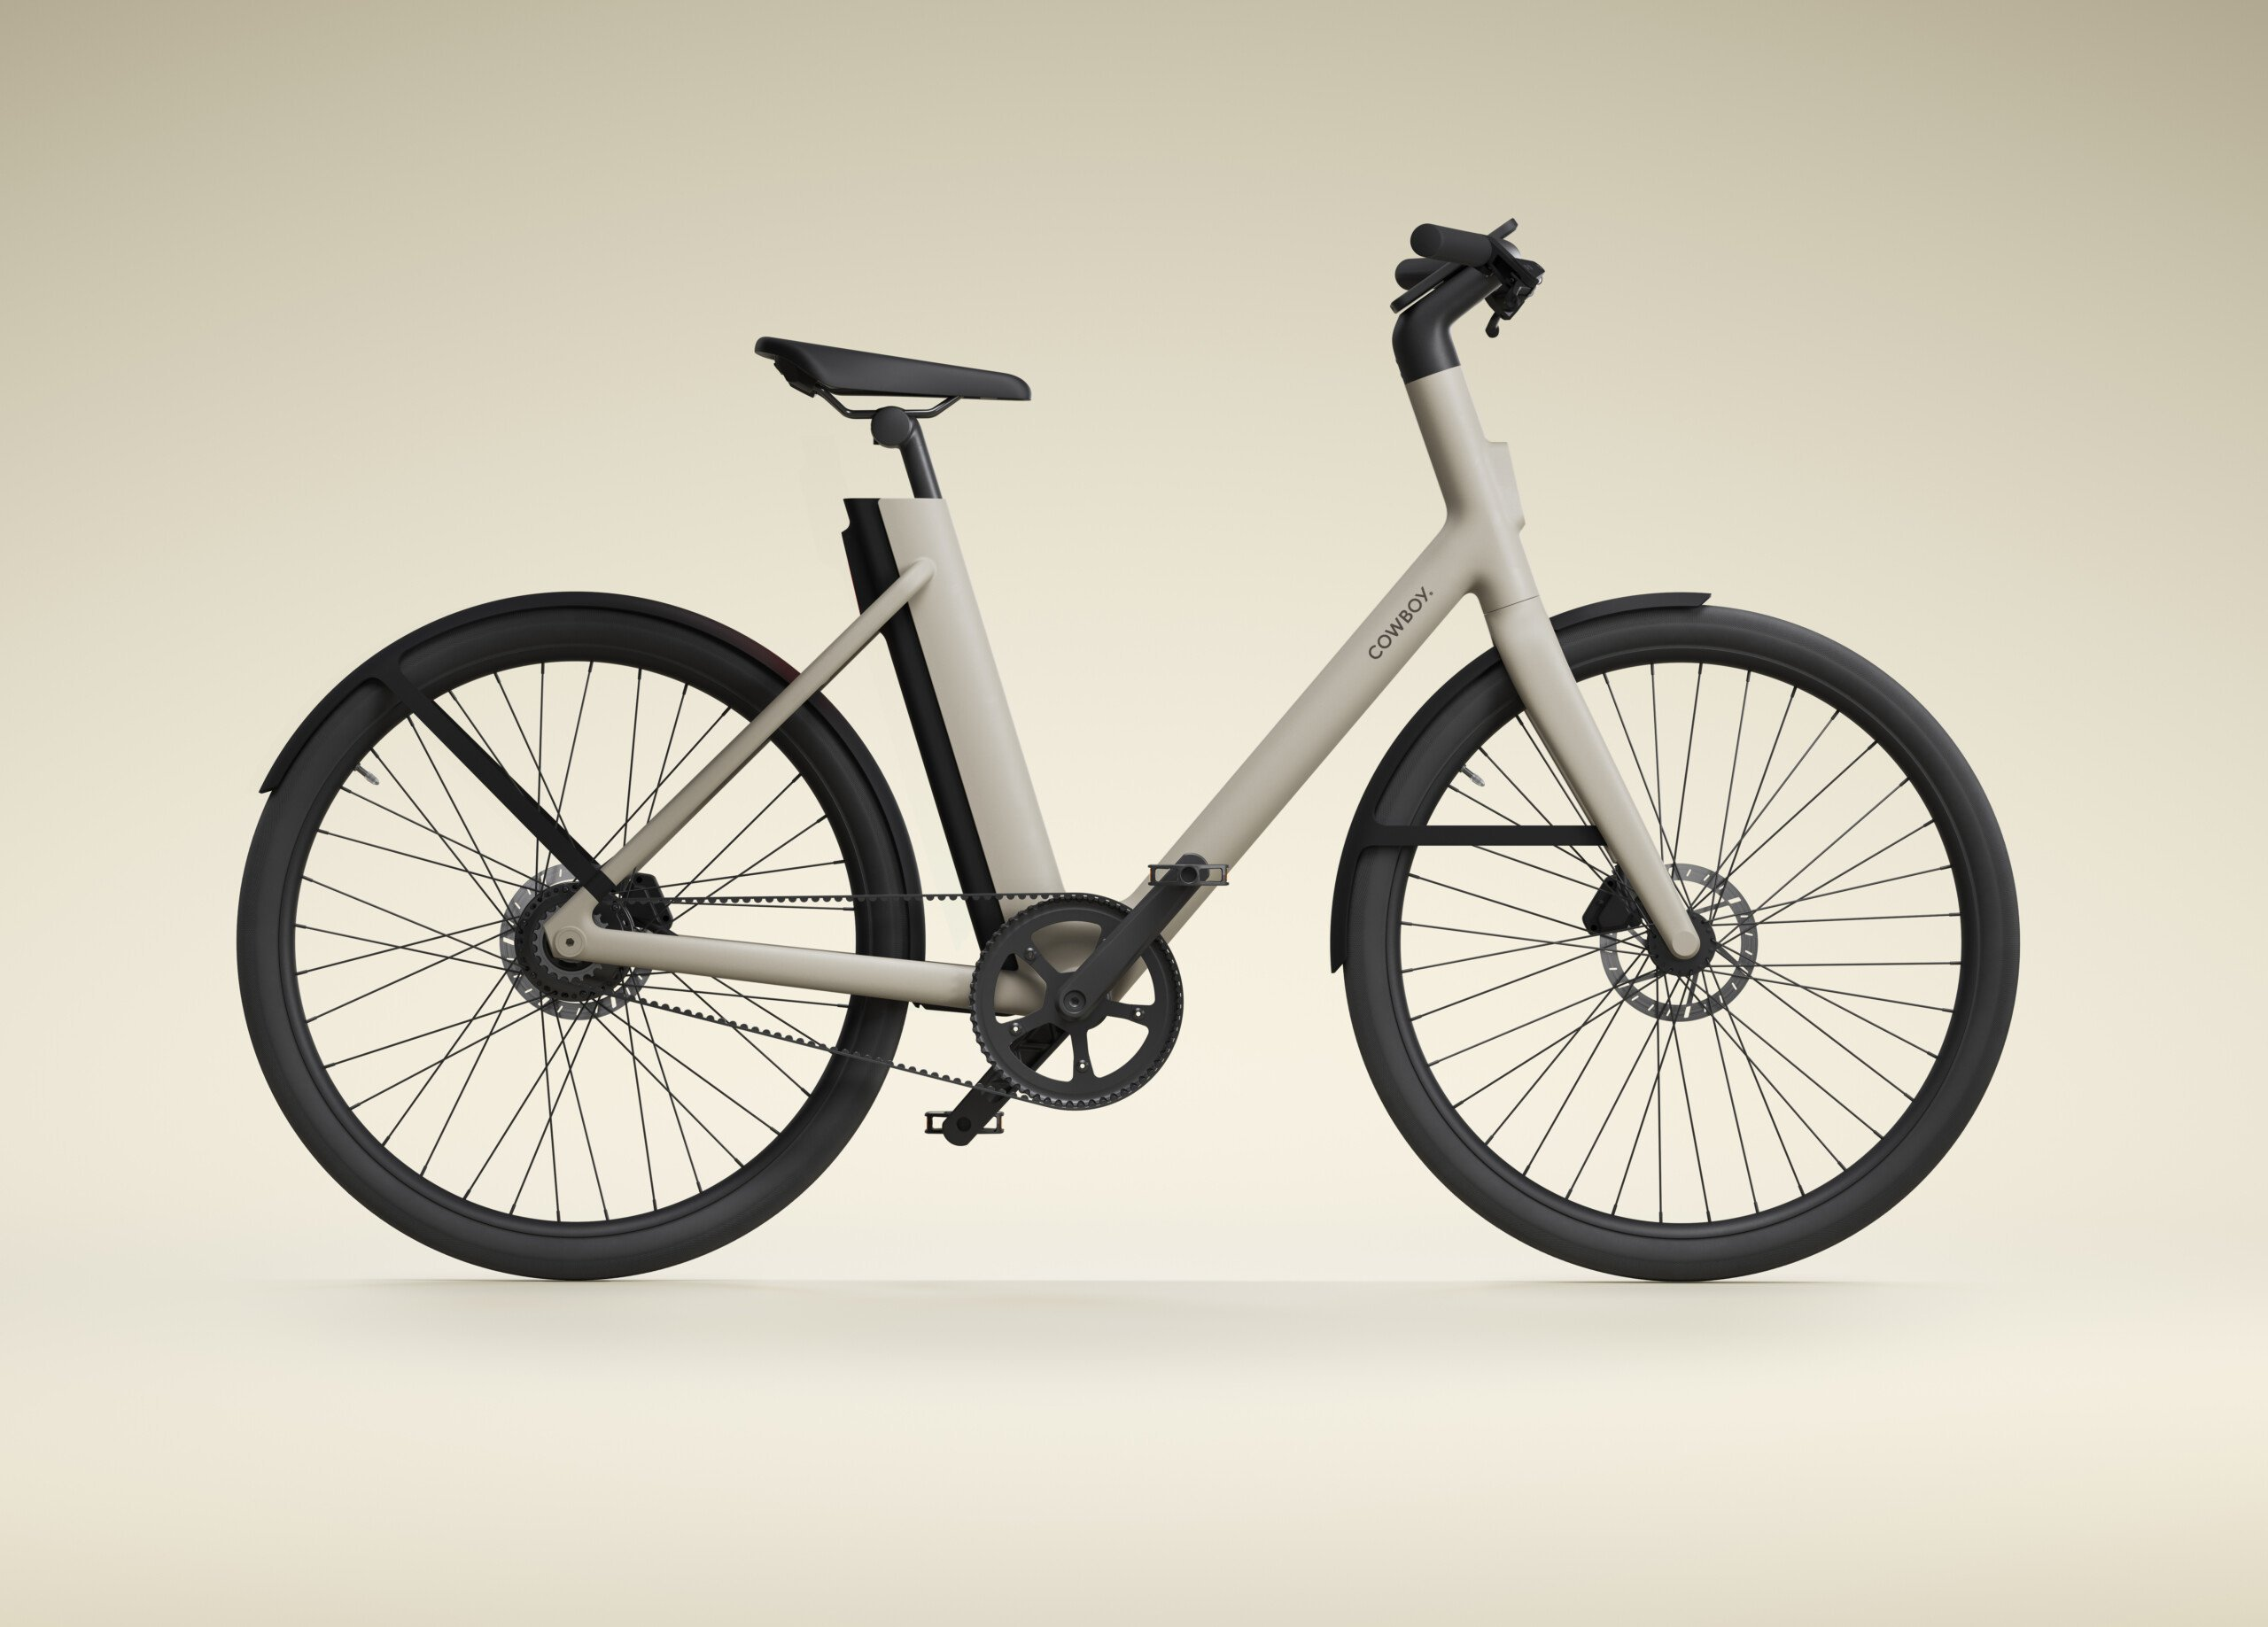 Cowboy4 officialisé: tout ce qu'il faut savoir sur les deux nouveaux vélos électriques